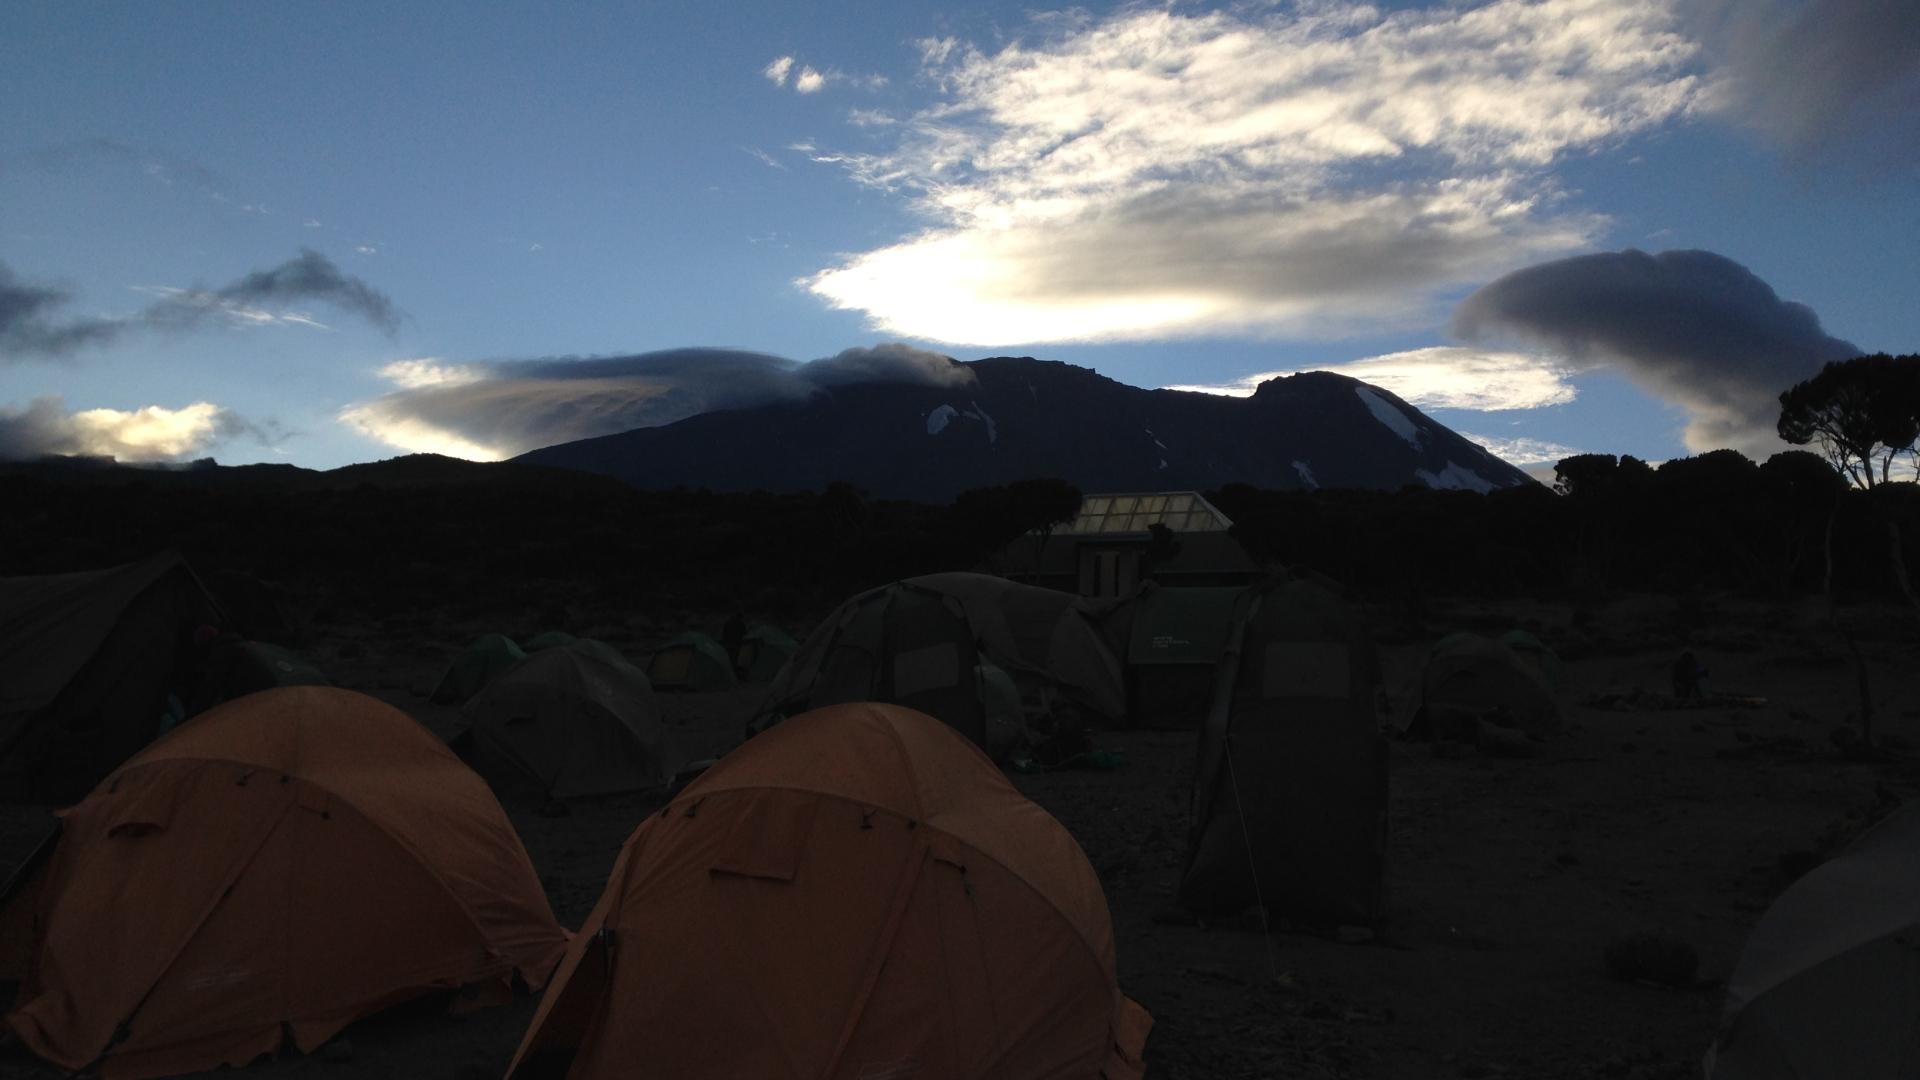 Le camp Shira